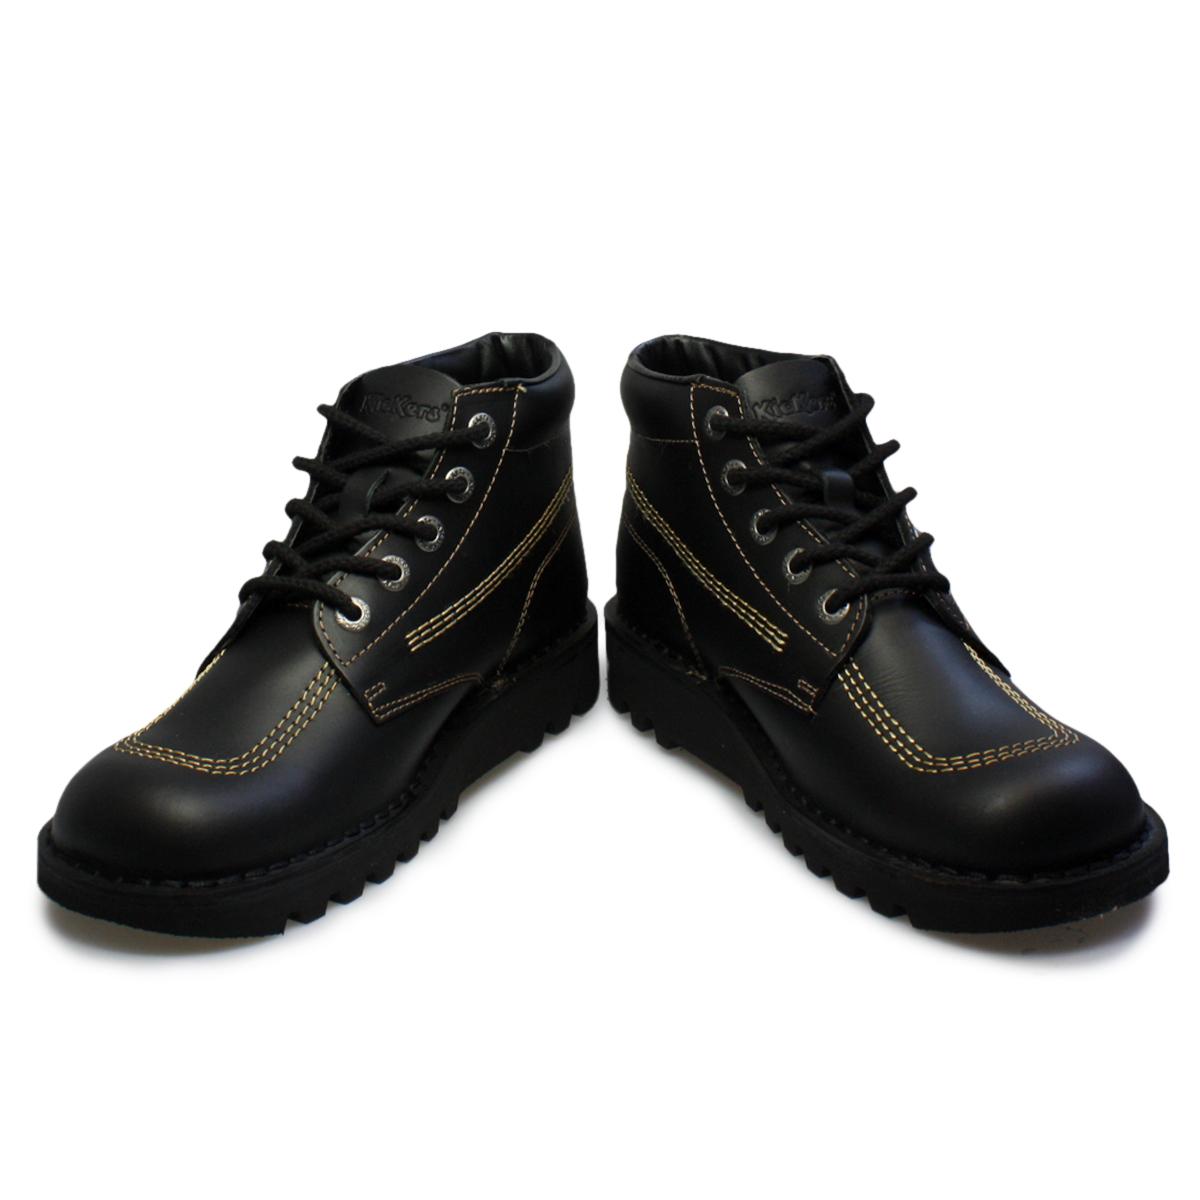 Kickers Black School Shoes Women